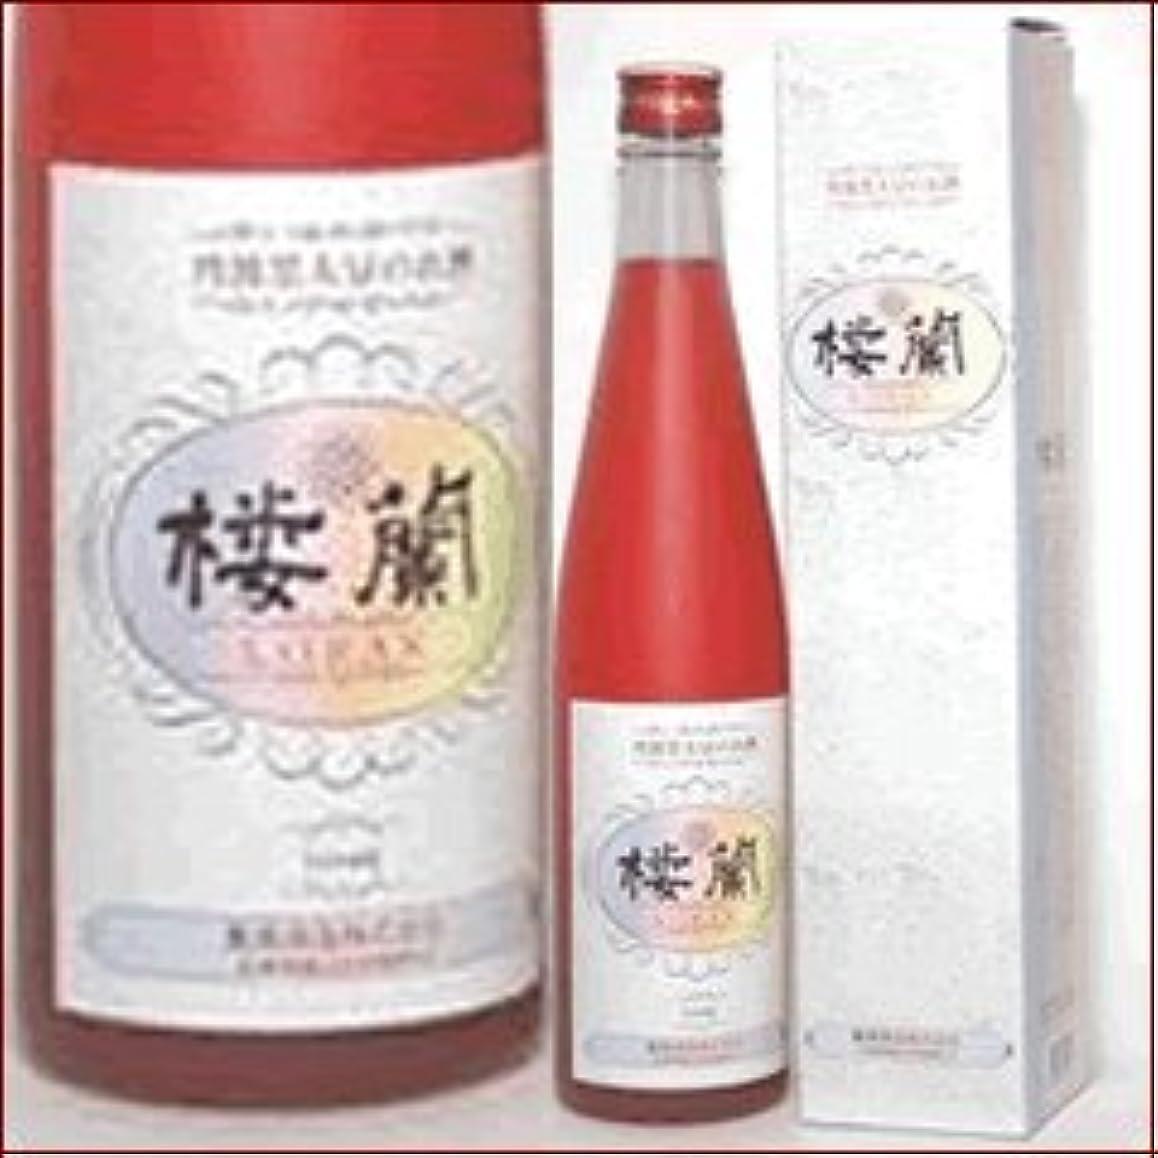 異議おもしろいマイクロフォン丹波黒豆(黒大豆)のお酒 楼蘭(ローラン)500ml